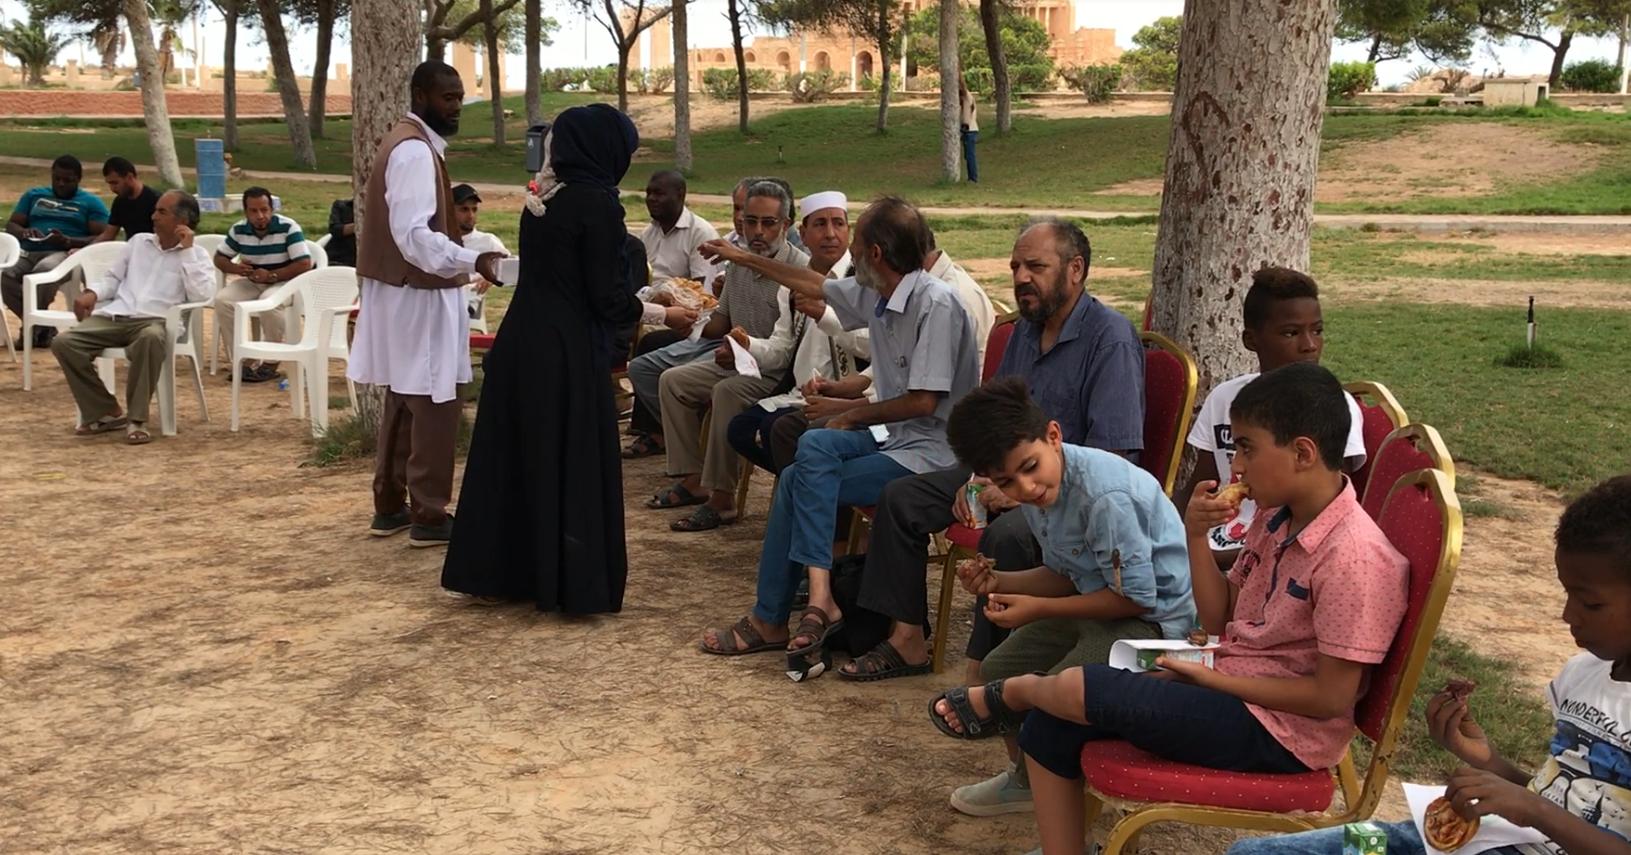 صورة الهيئة العامة للمسرح تحتفل بالعيد في صبراتة